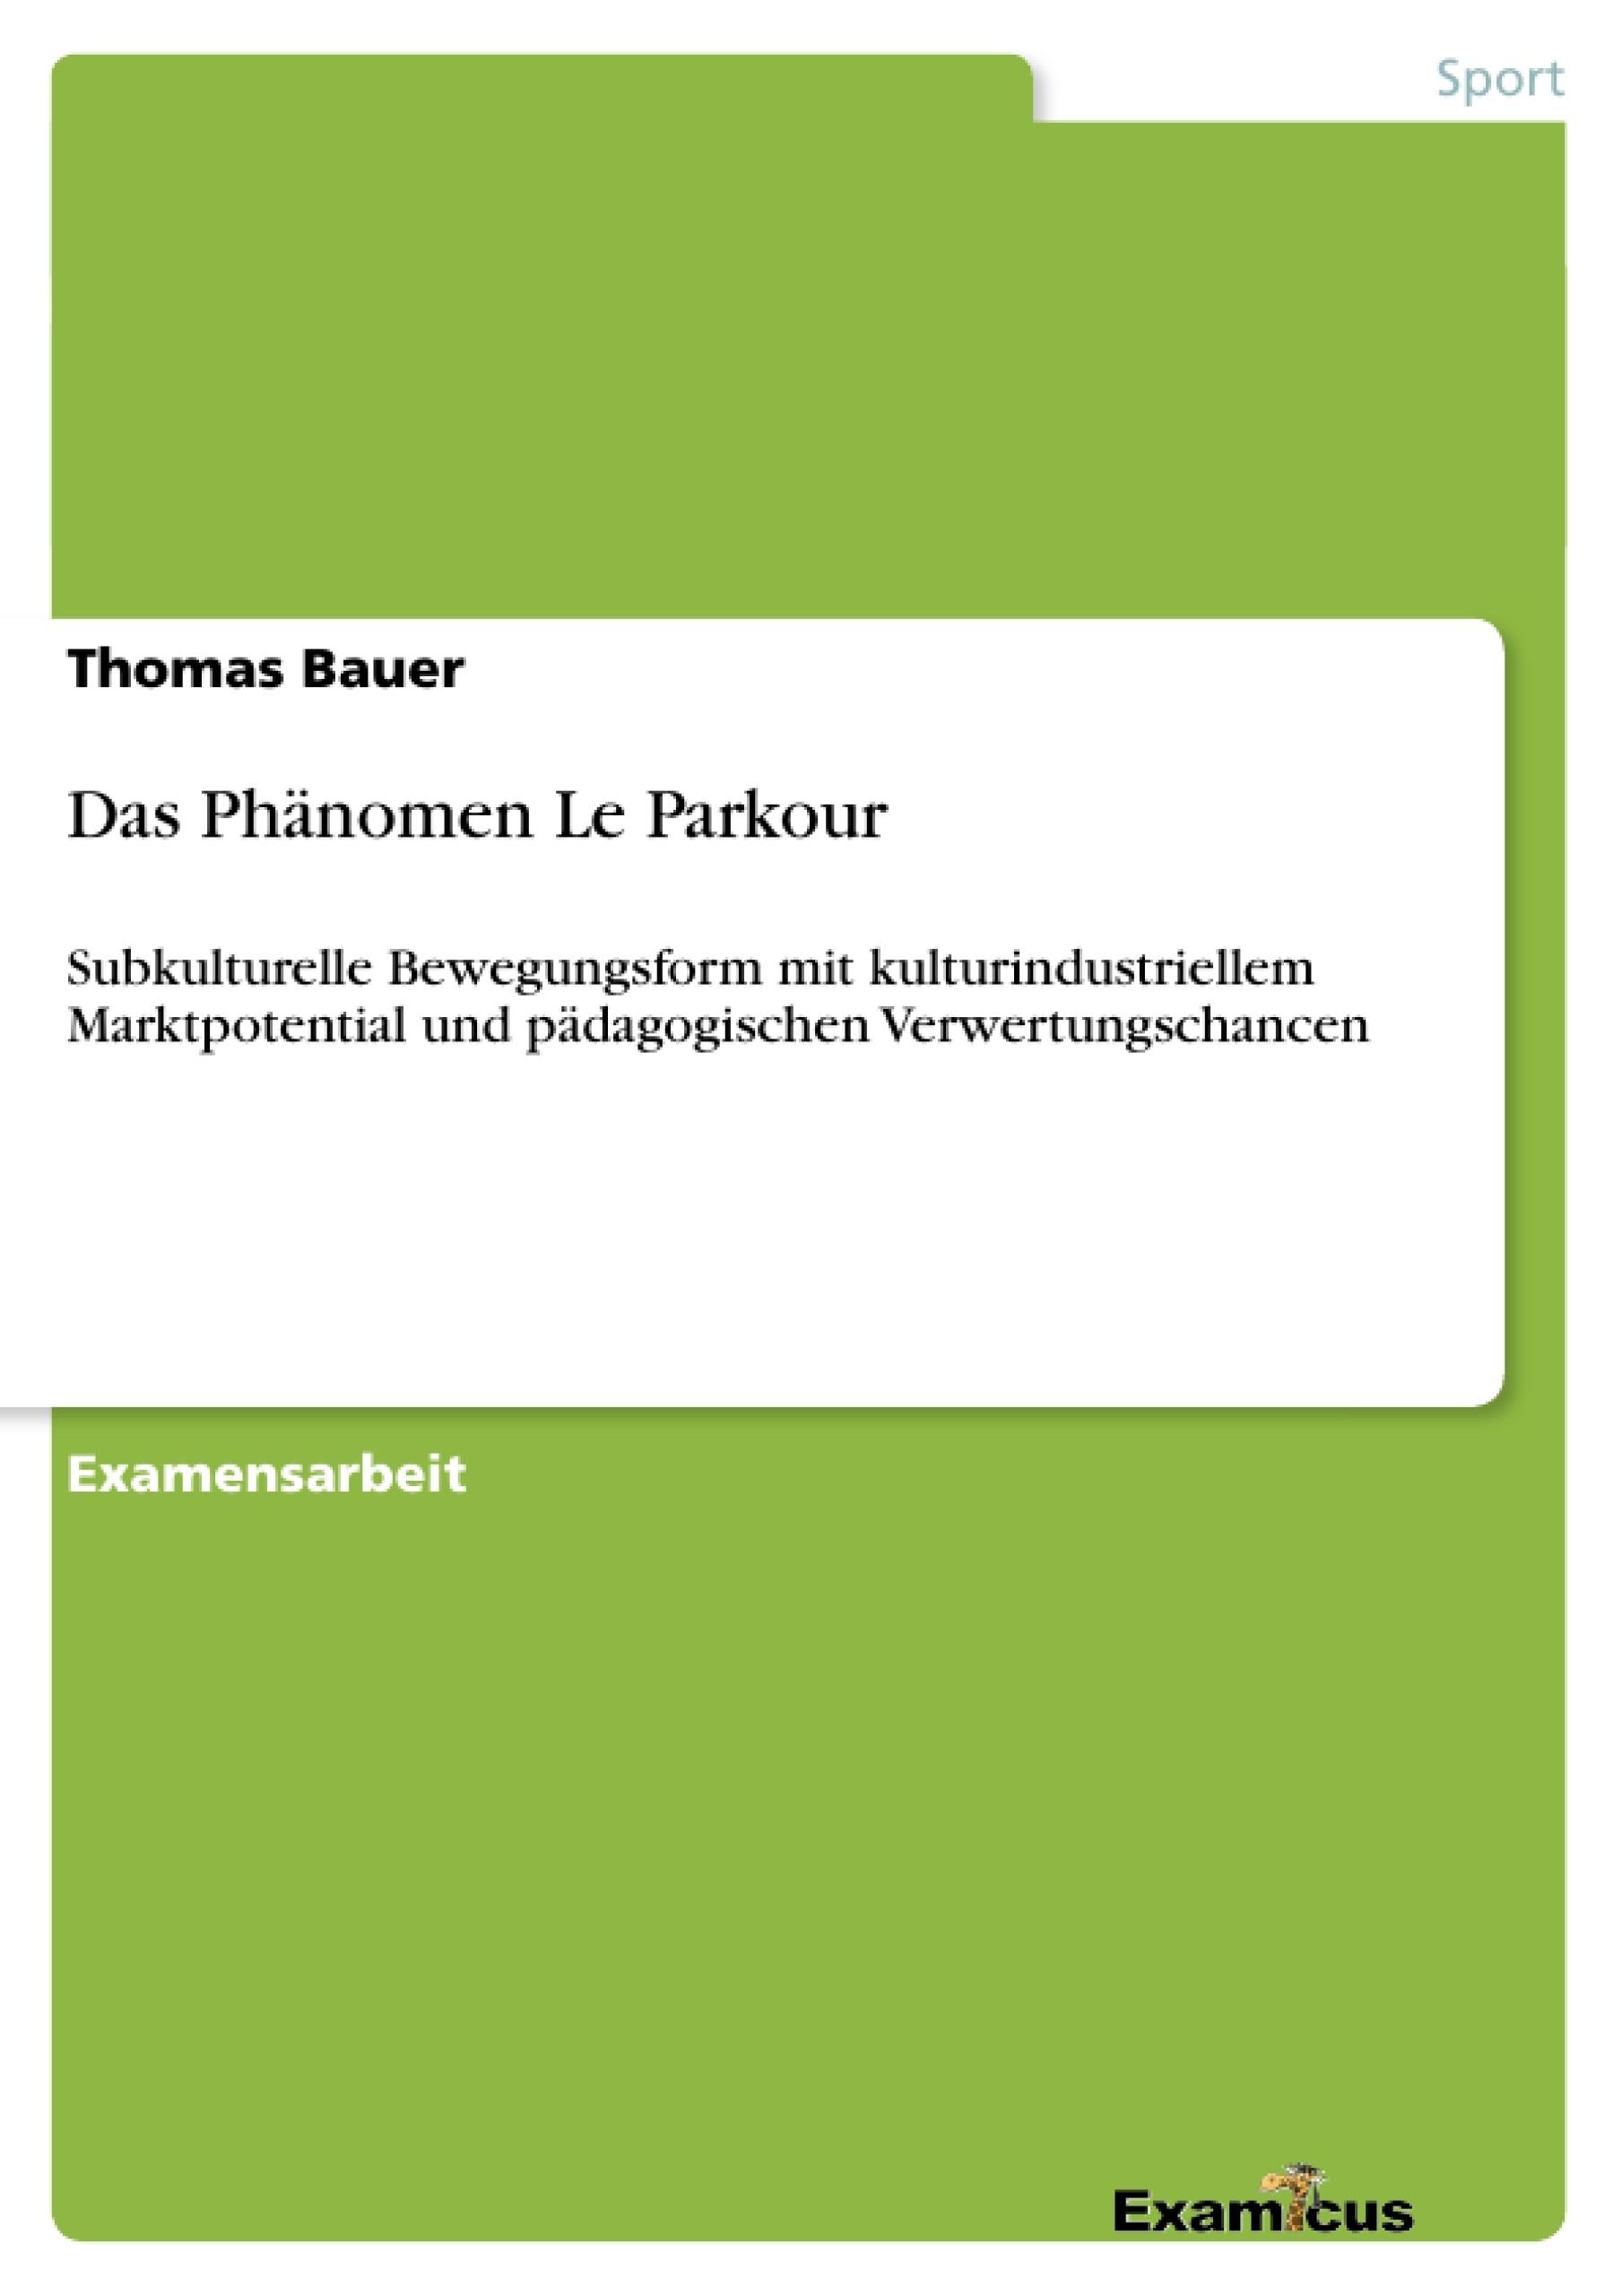 Titel: Das Phänomen Le Parkour